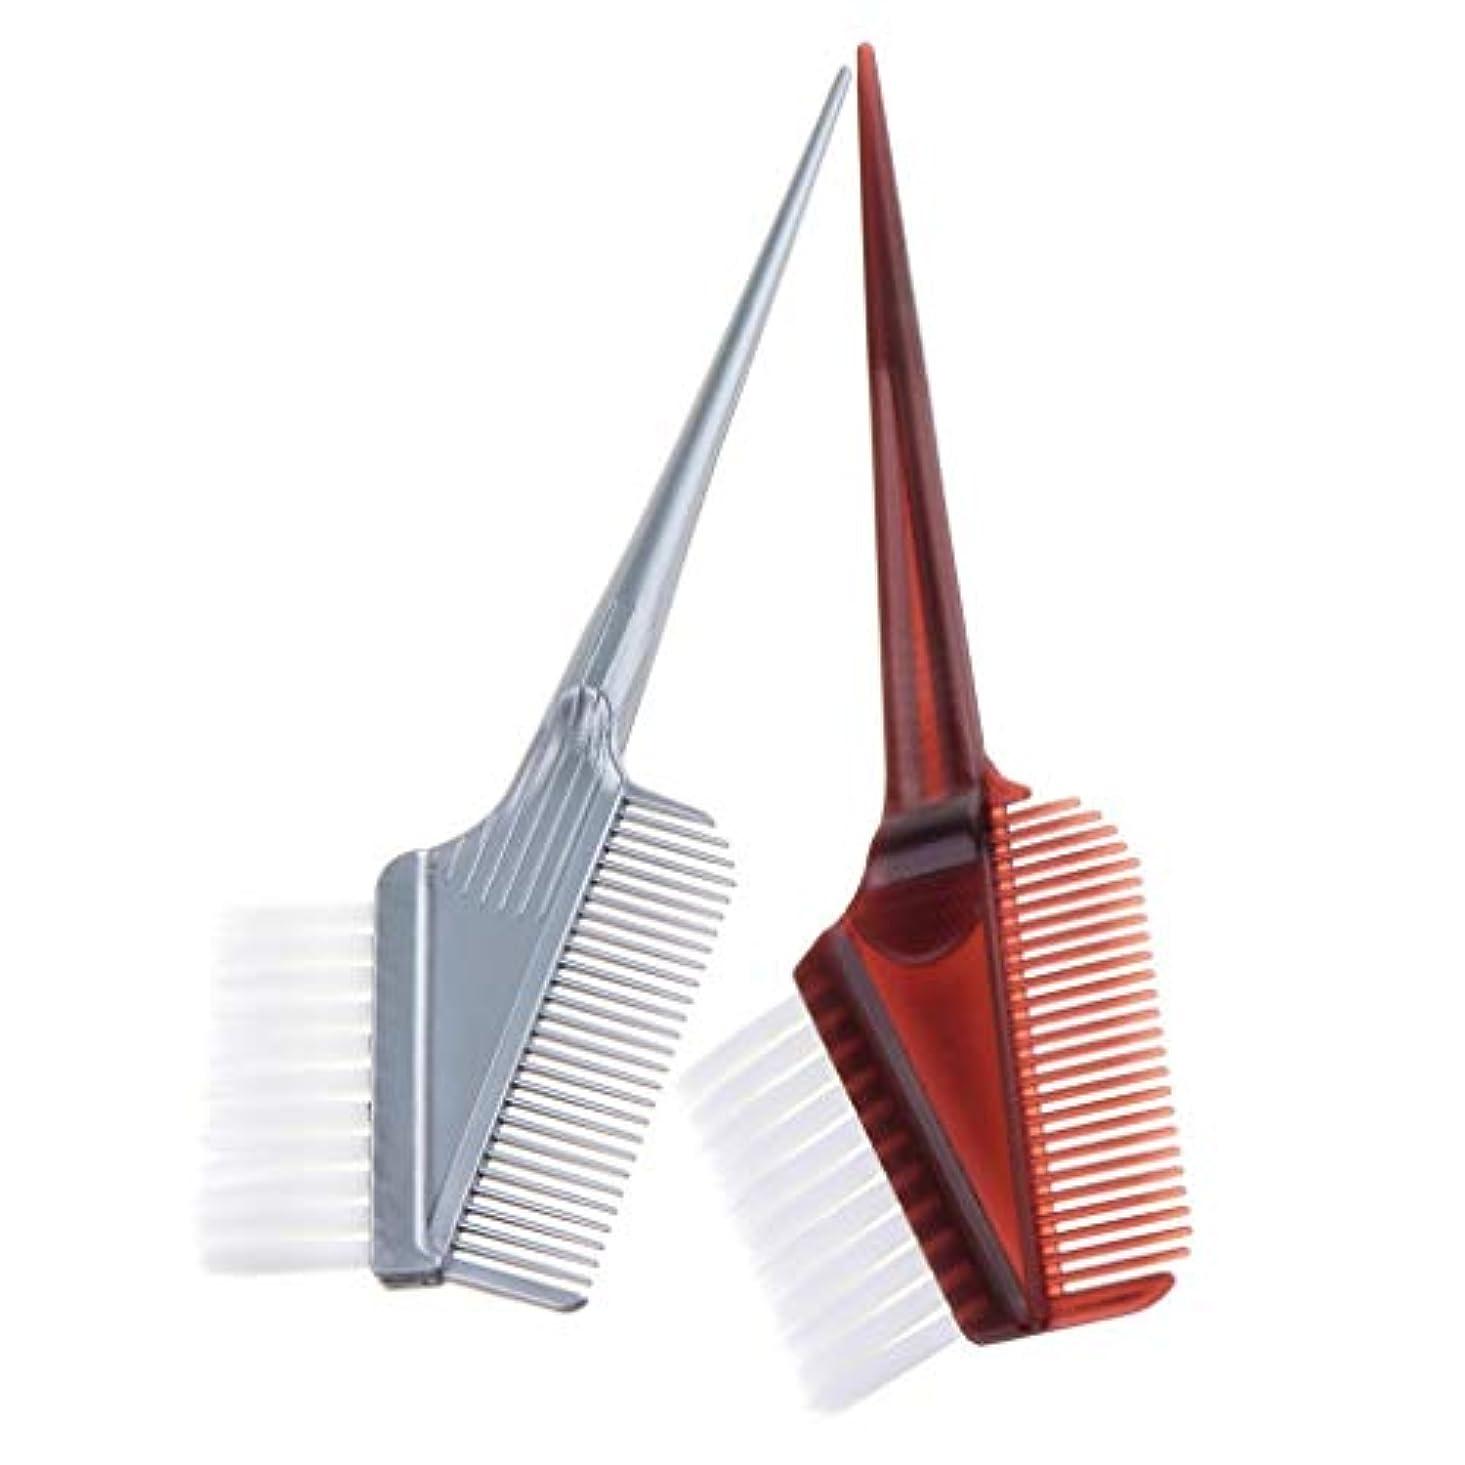 低いシアー悪化させるヘアダイ コーム 毛染め カラーリングブラシ 髪染めブラシ ヘアトリートメント ヘアカラー